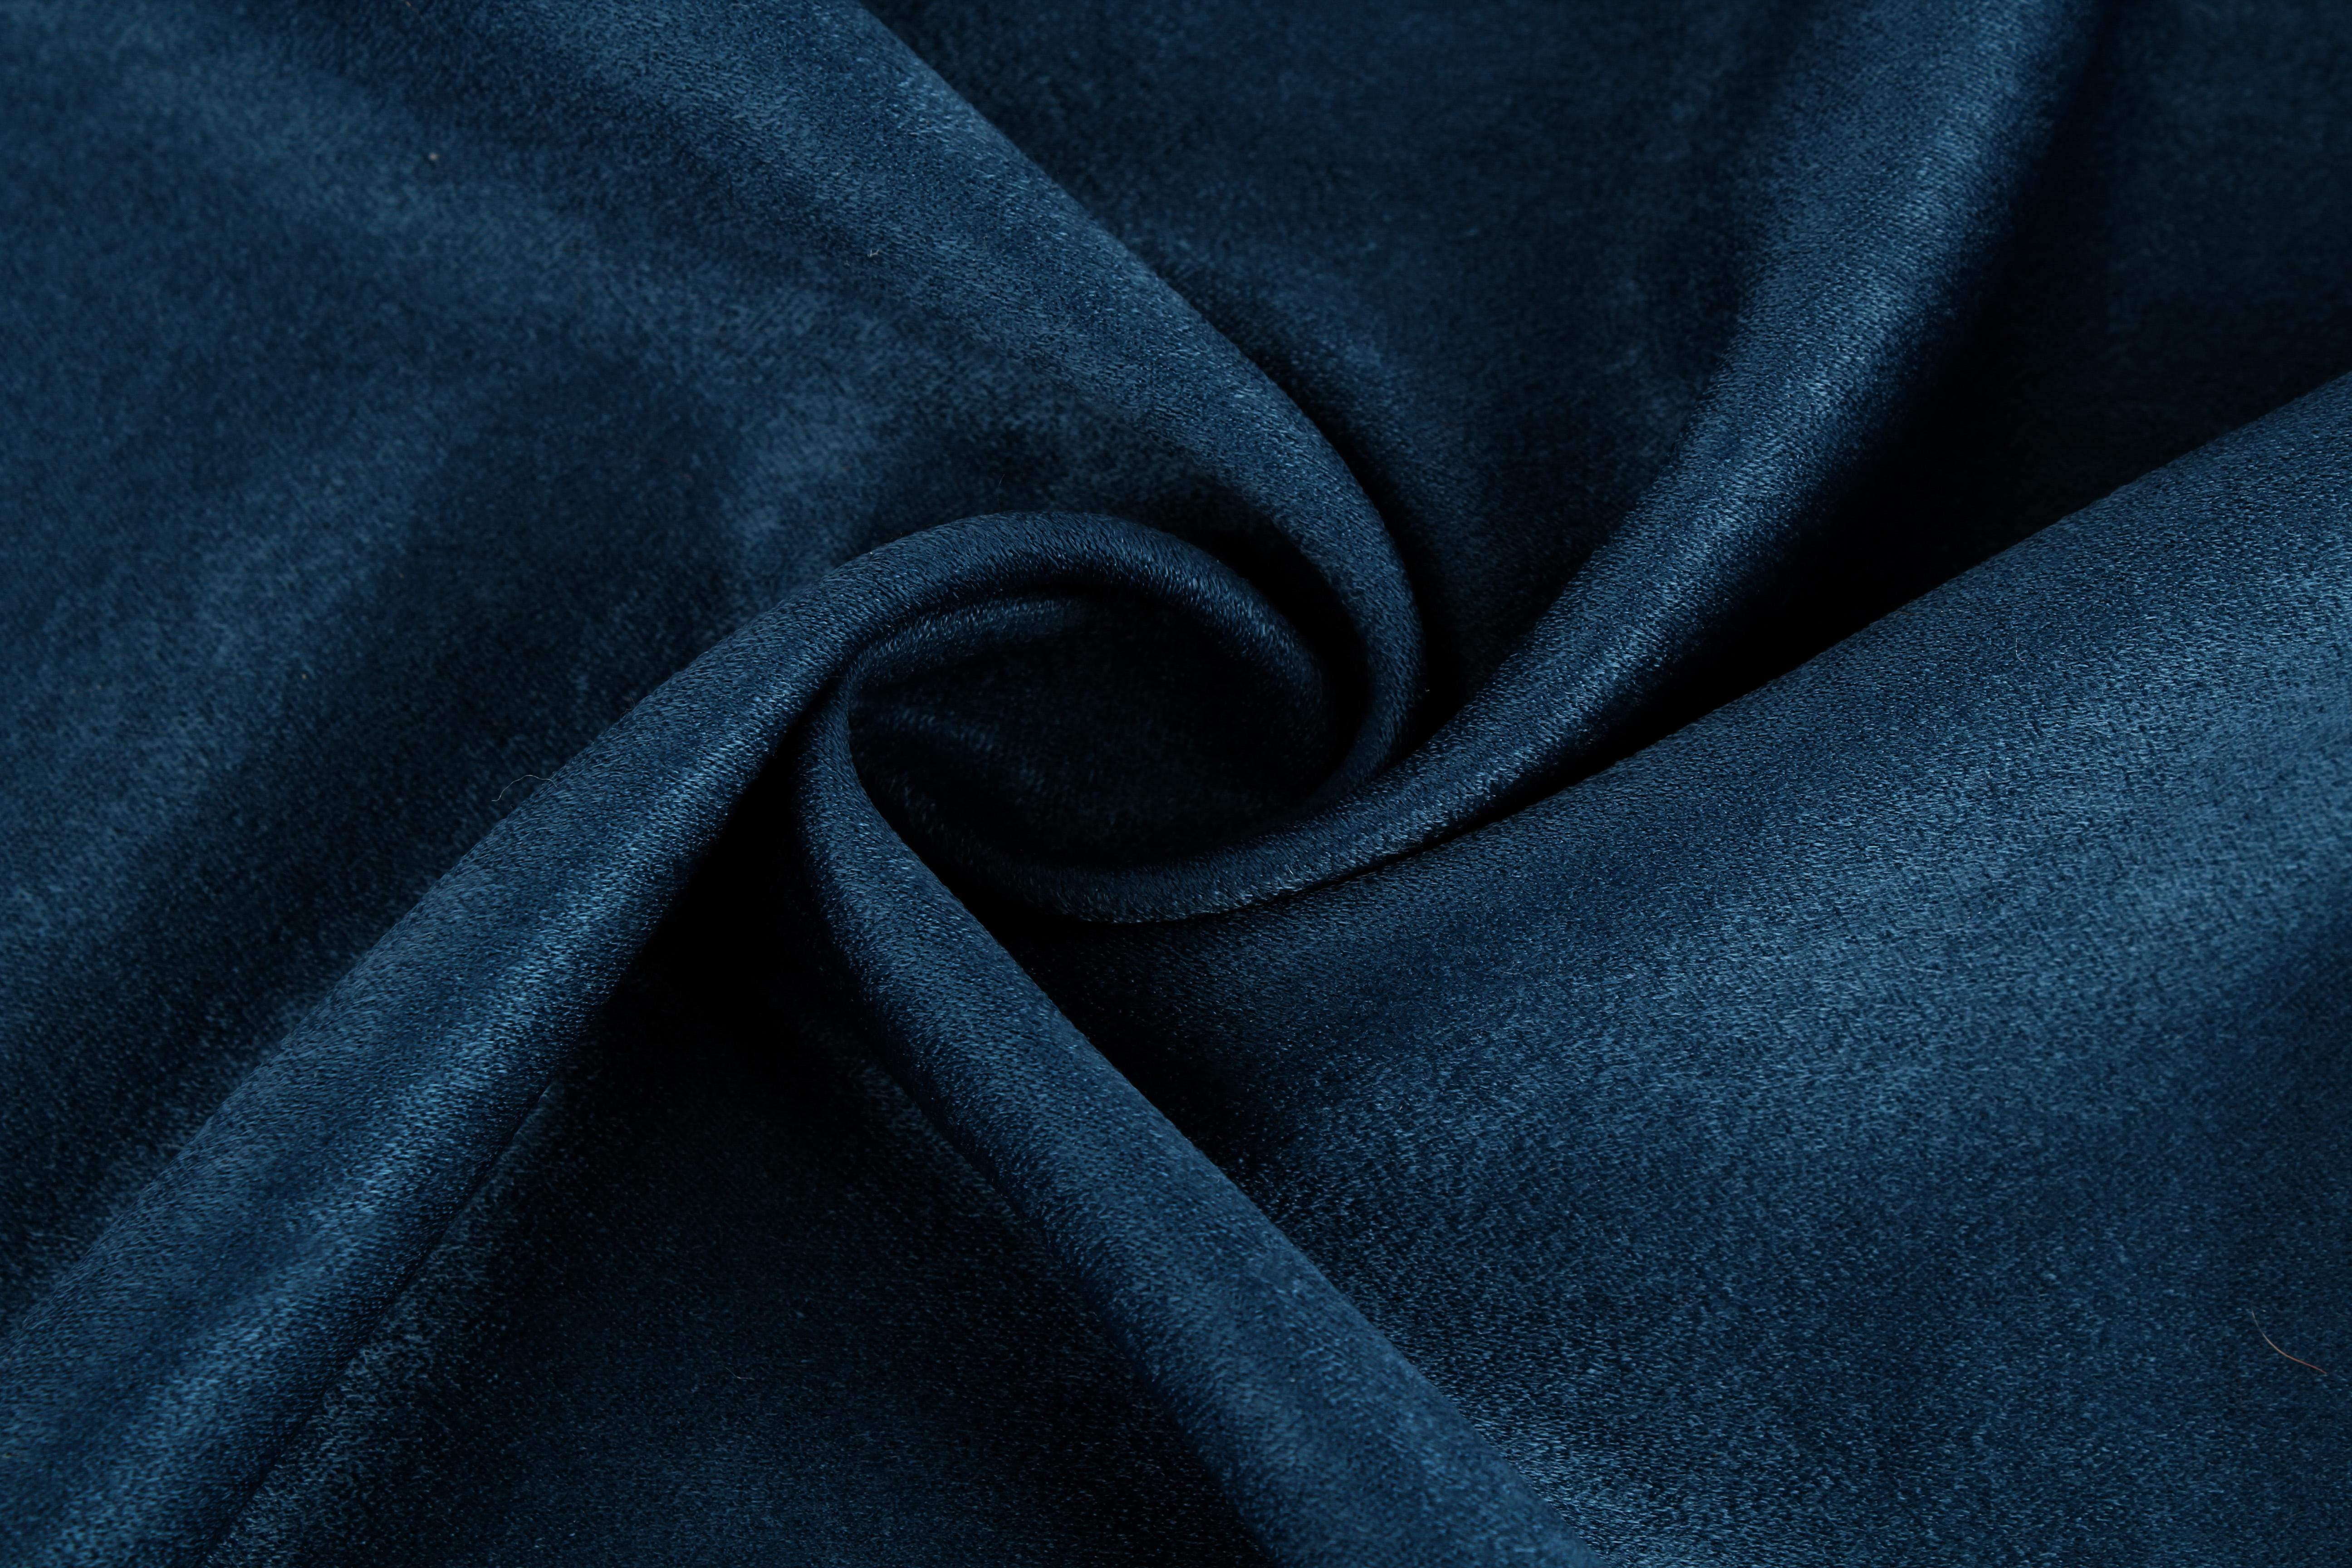 Приемлемые цены на ткань бархат высокого качества от честного магазина alltext.com.ua